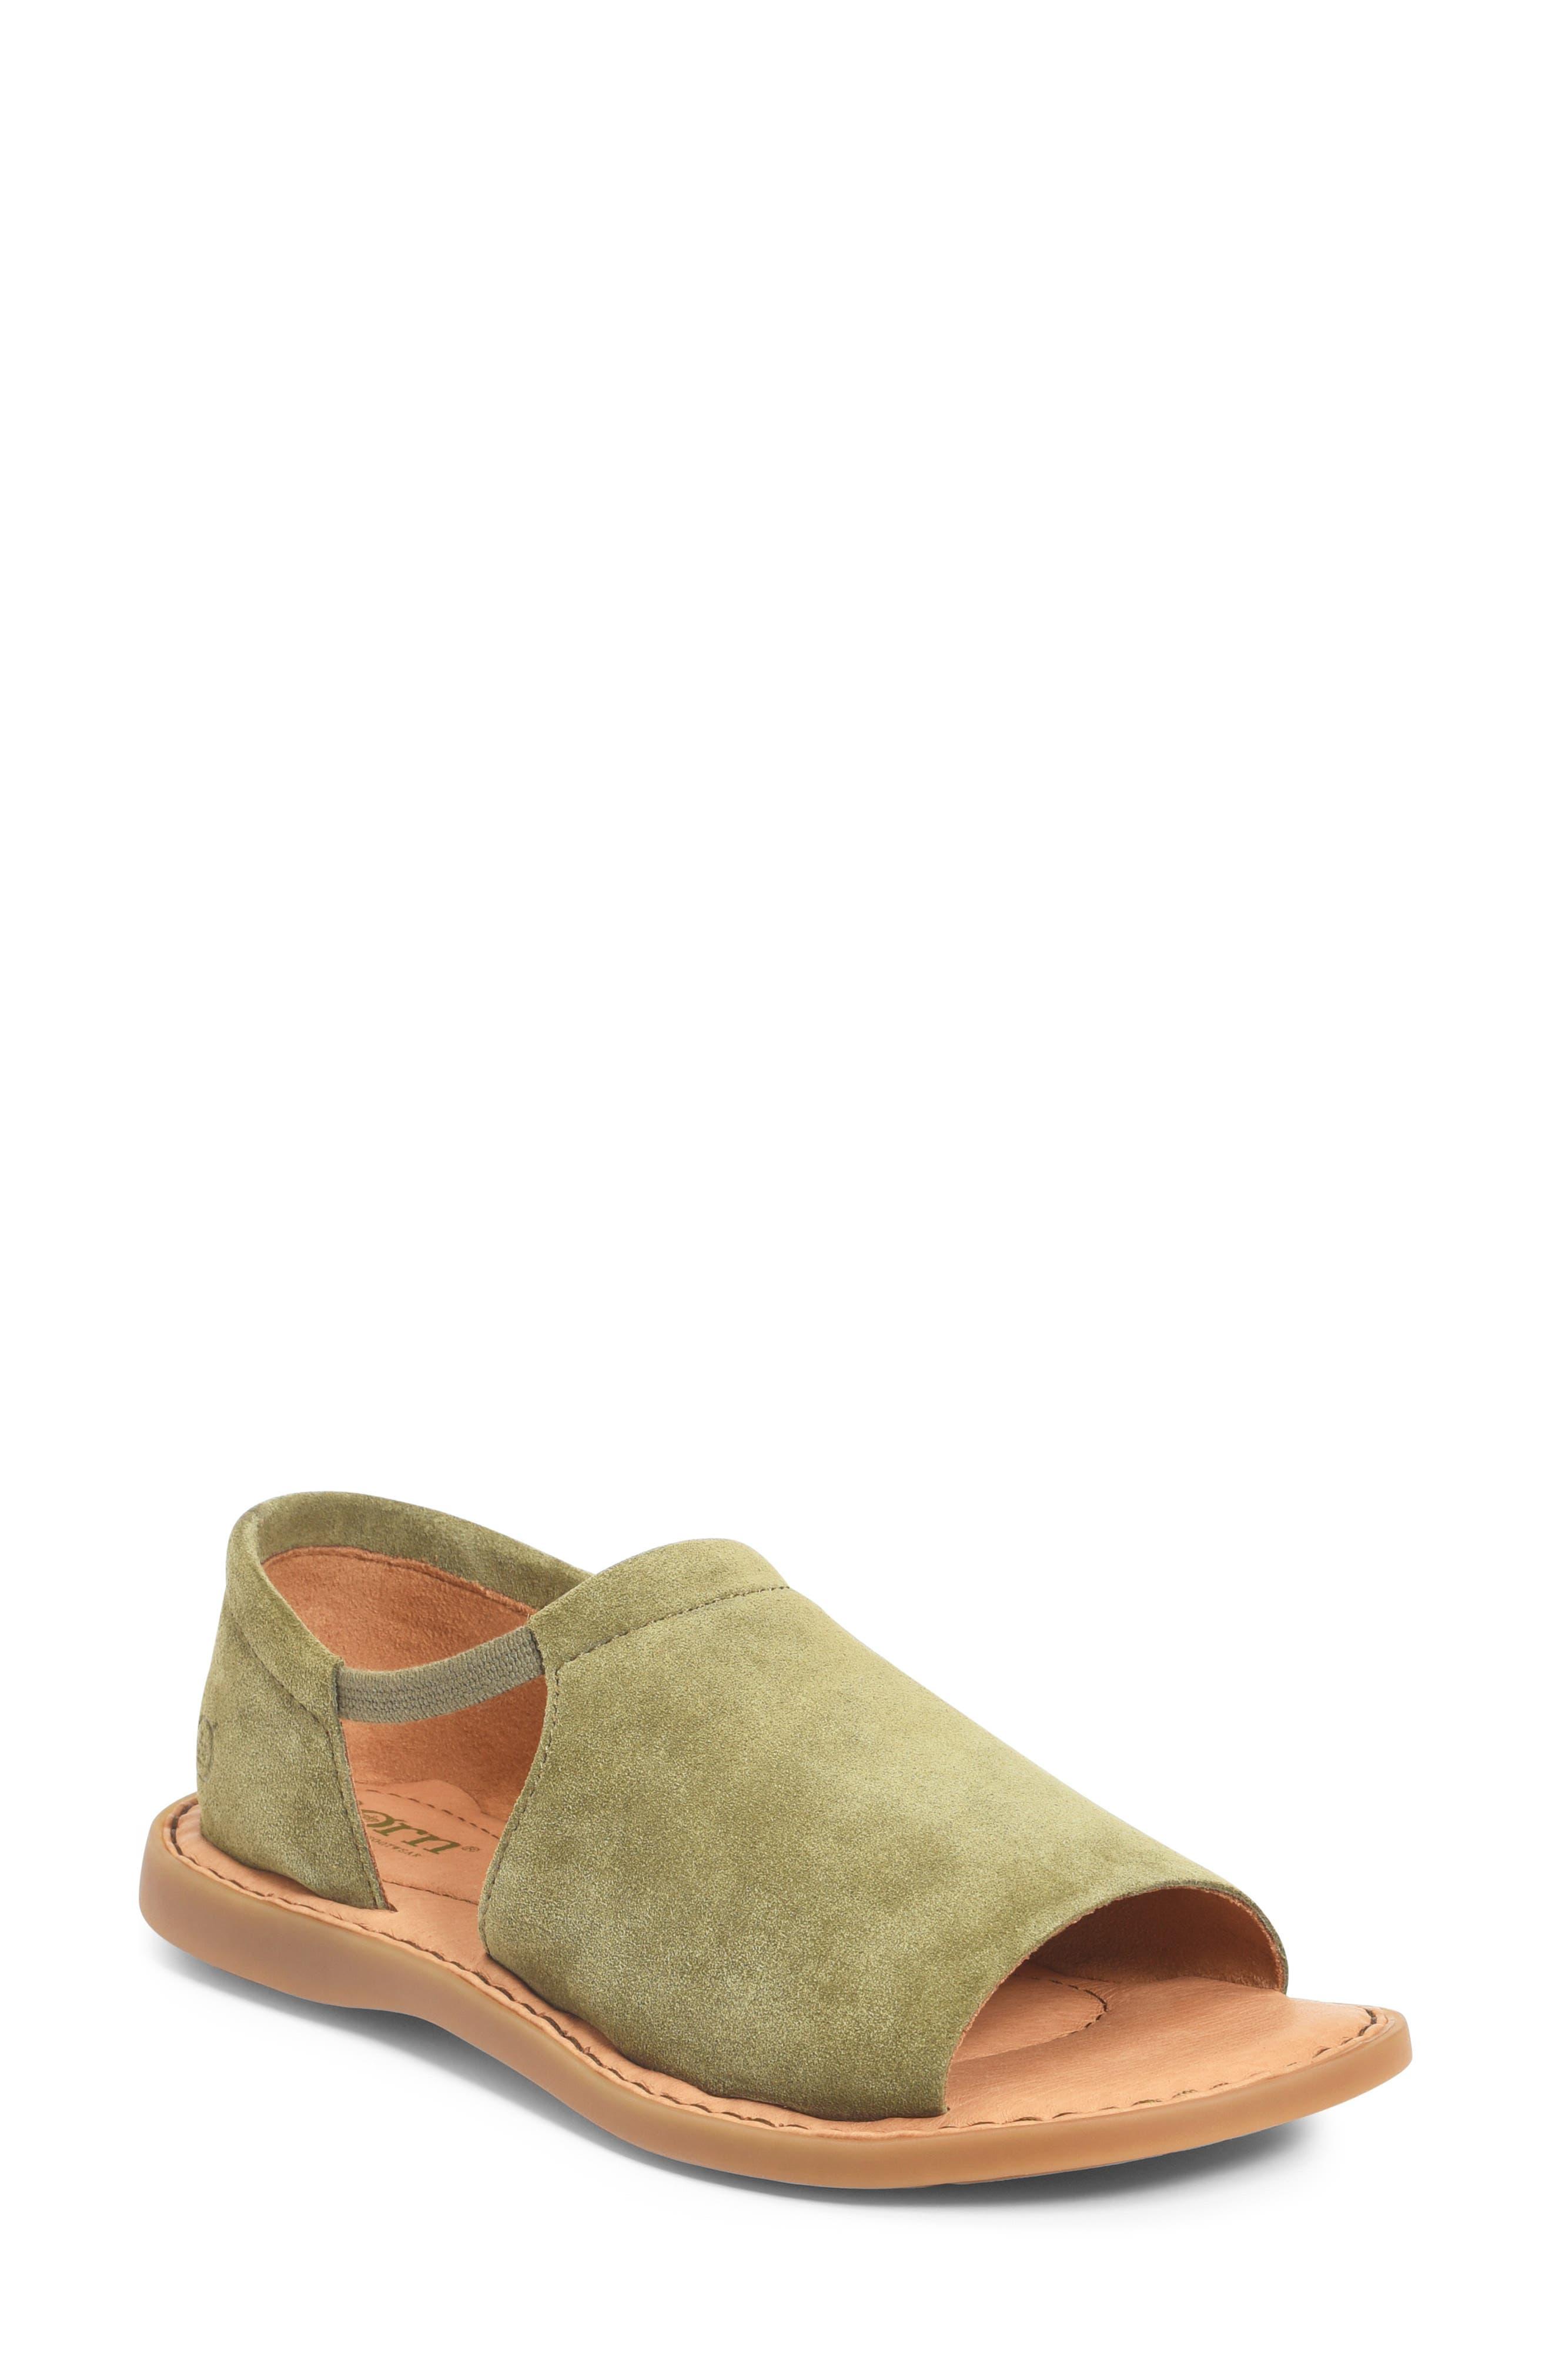 Women's B?rn Cove Modern Sandal